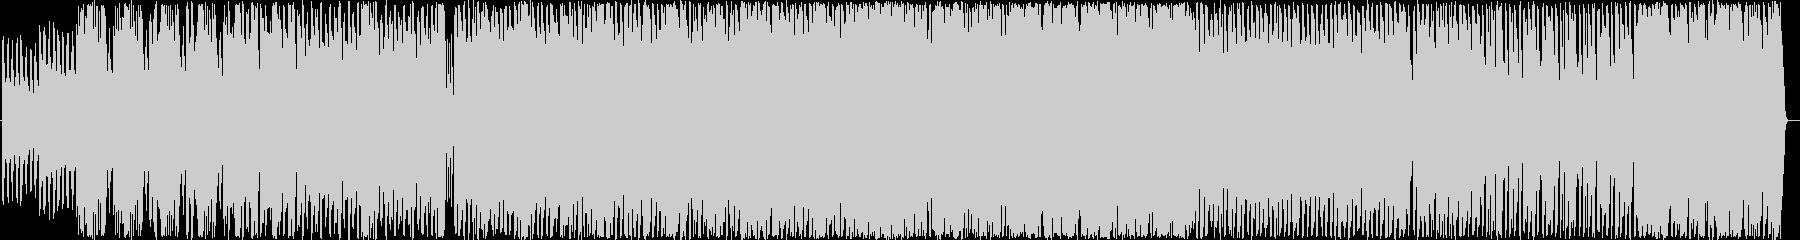 ストリングスを使用した半電子音楽の未再生の波形